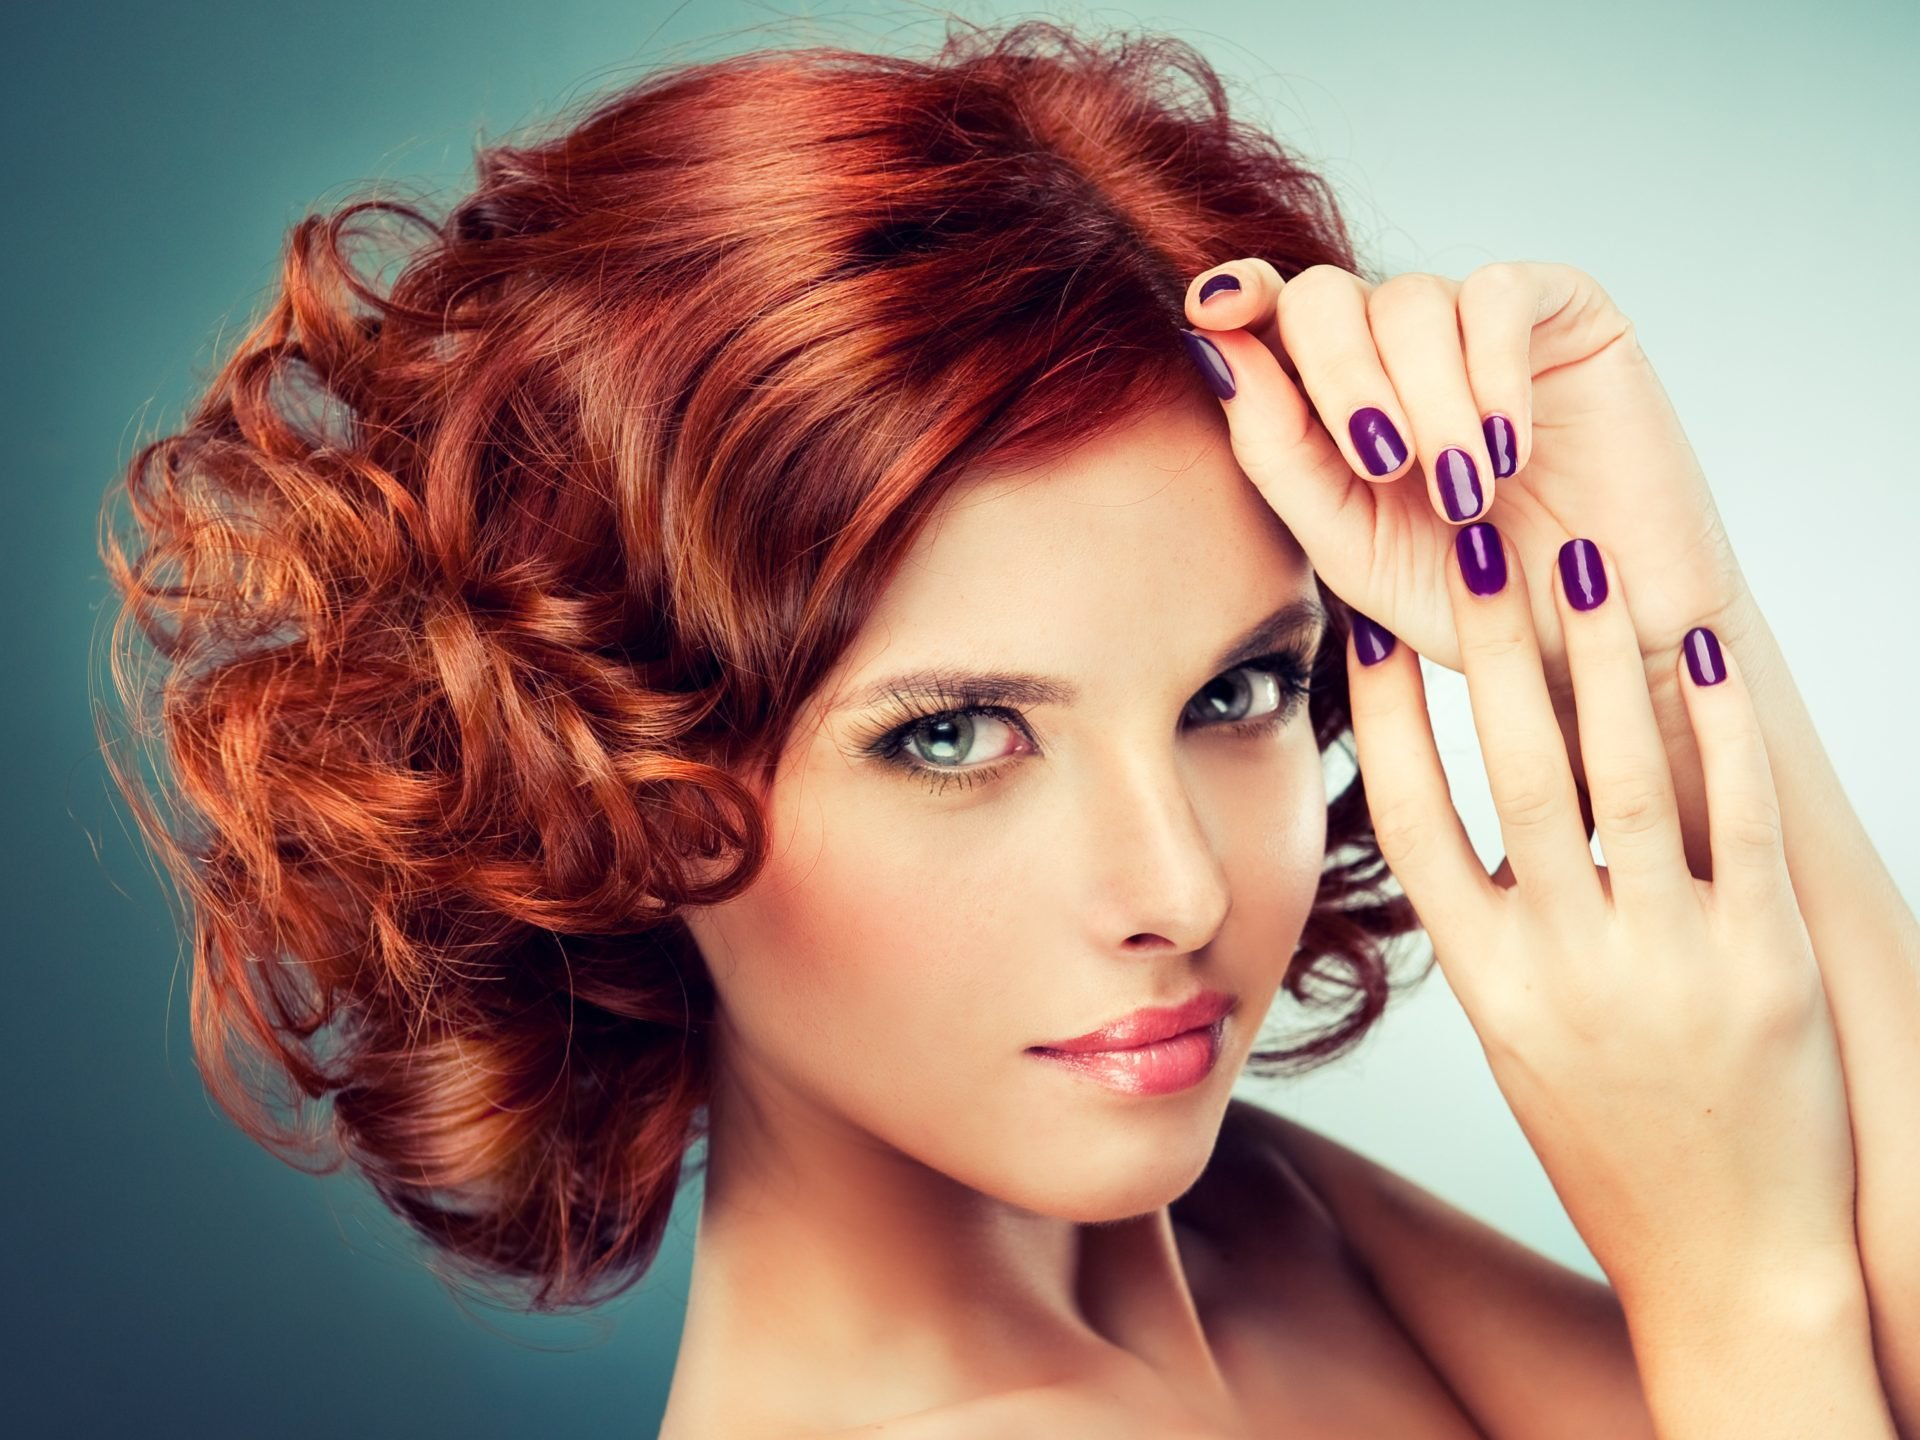 makiyazh-dlya-ryzhix-volos-foto_-24 Цвет волос для карих глаз. Фото оттенков волос и макияжа.